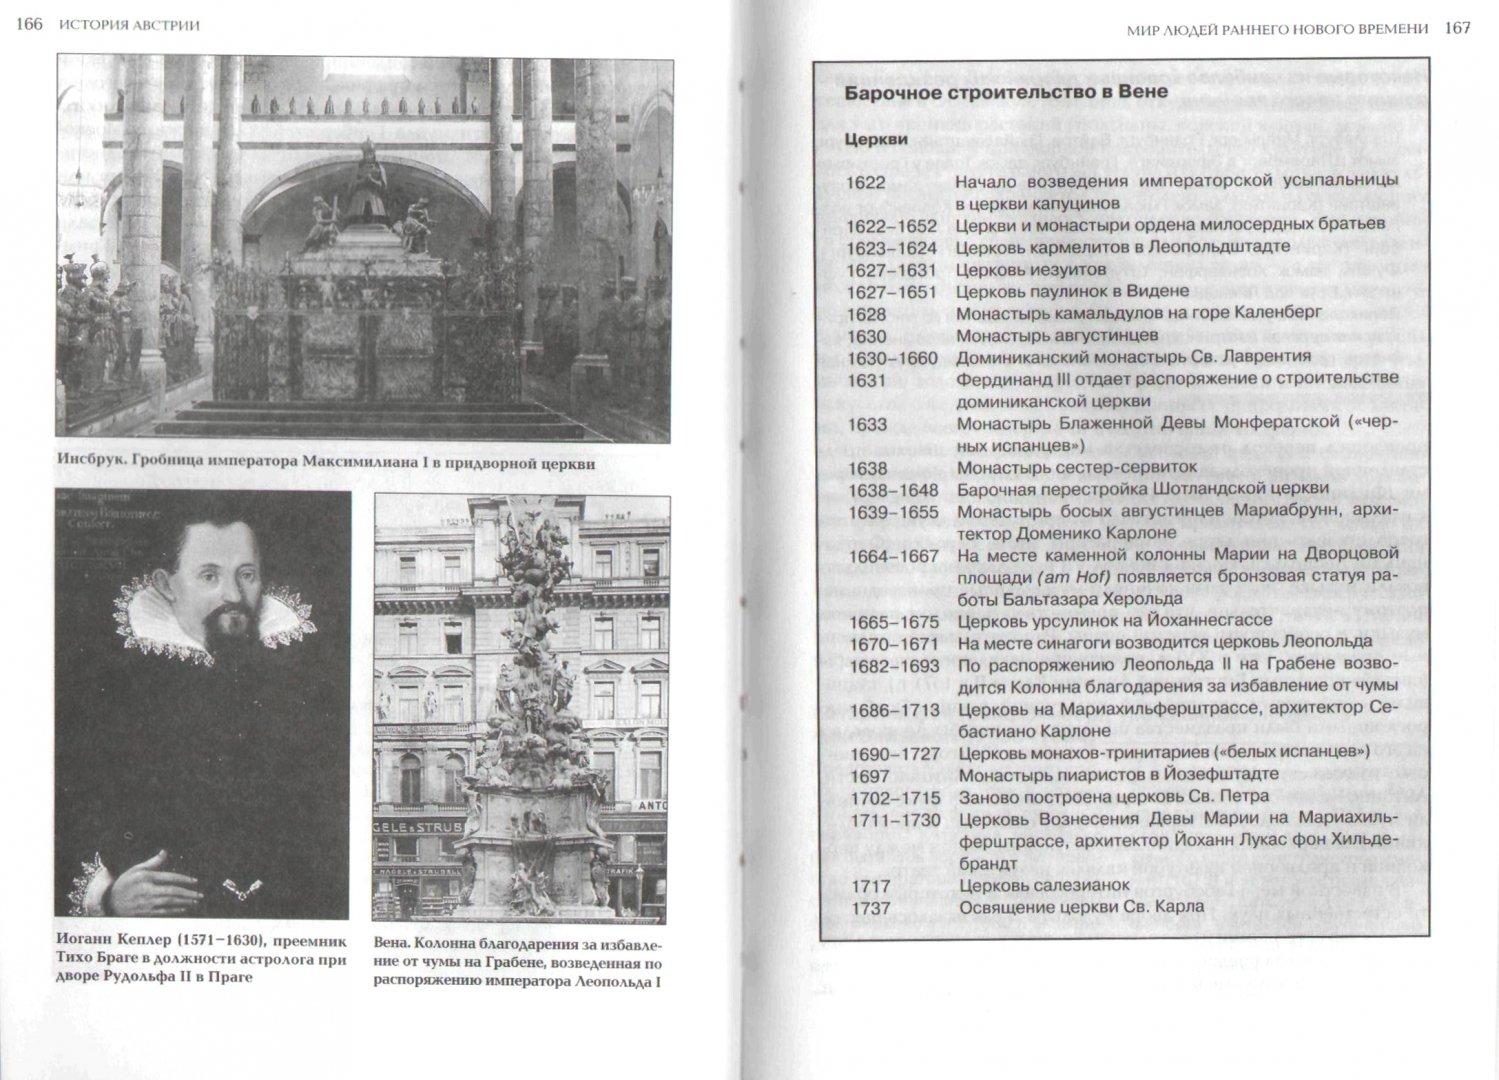 Иллюстрация 1 из 37 для История Австрии. Культура, общество, политика - Карл Воцелка | Лабиринт - книги. Источник: Лабиринт